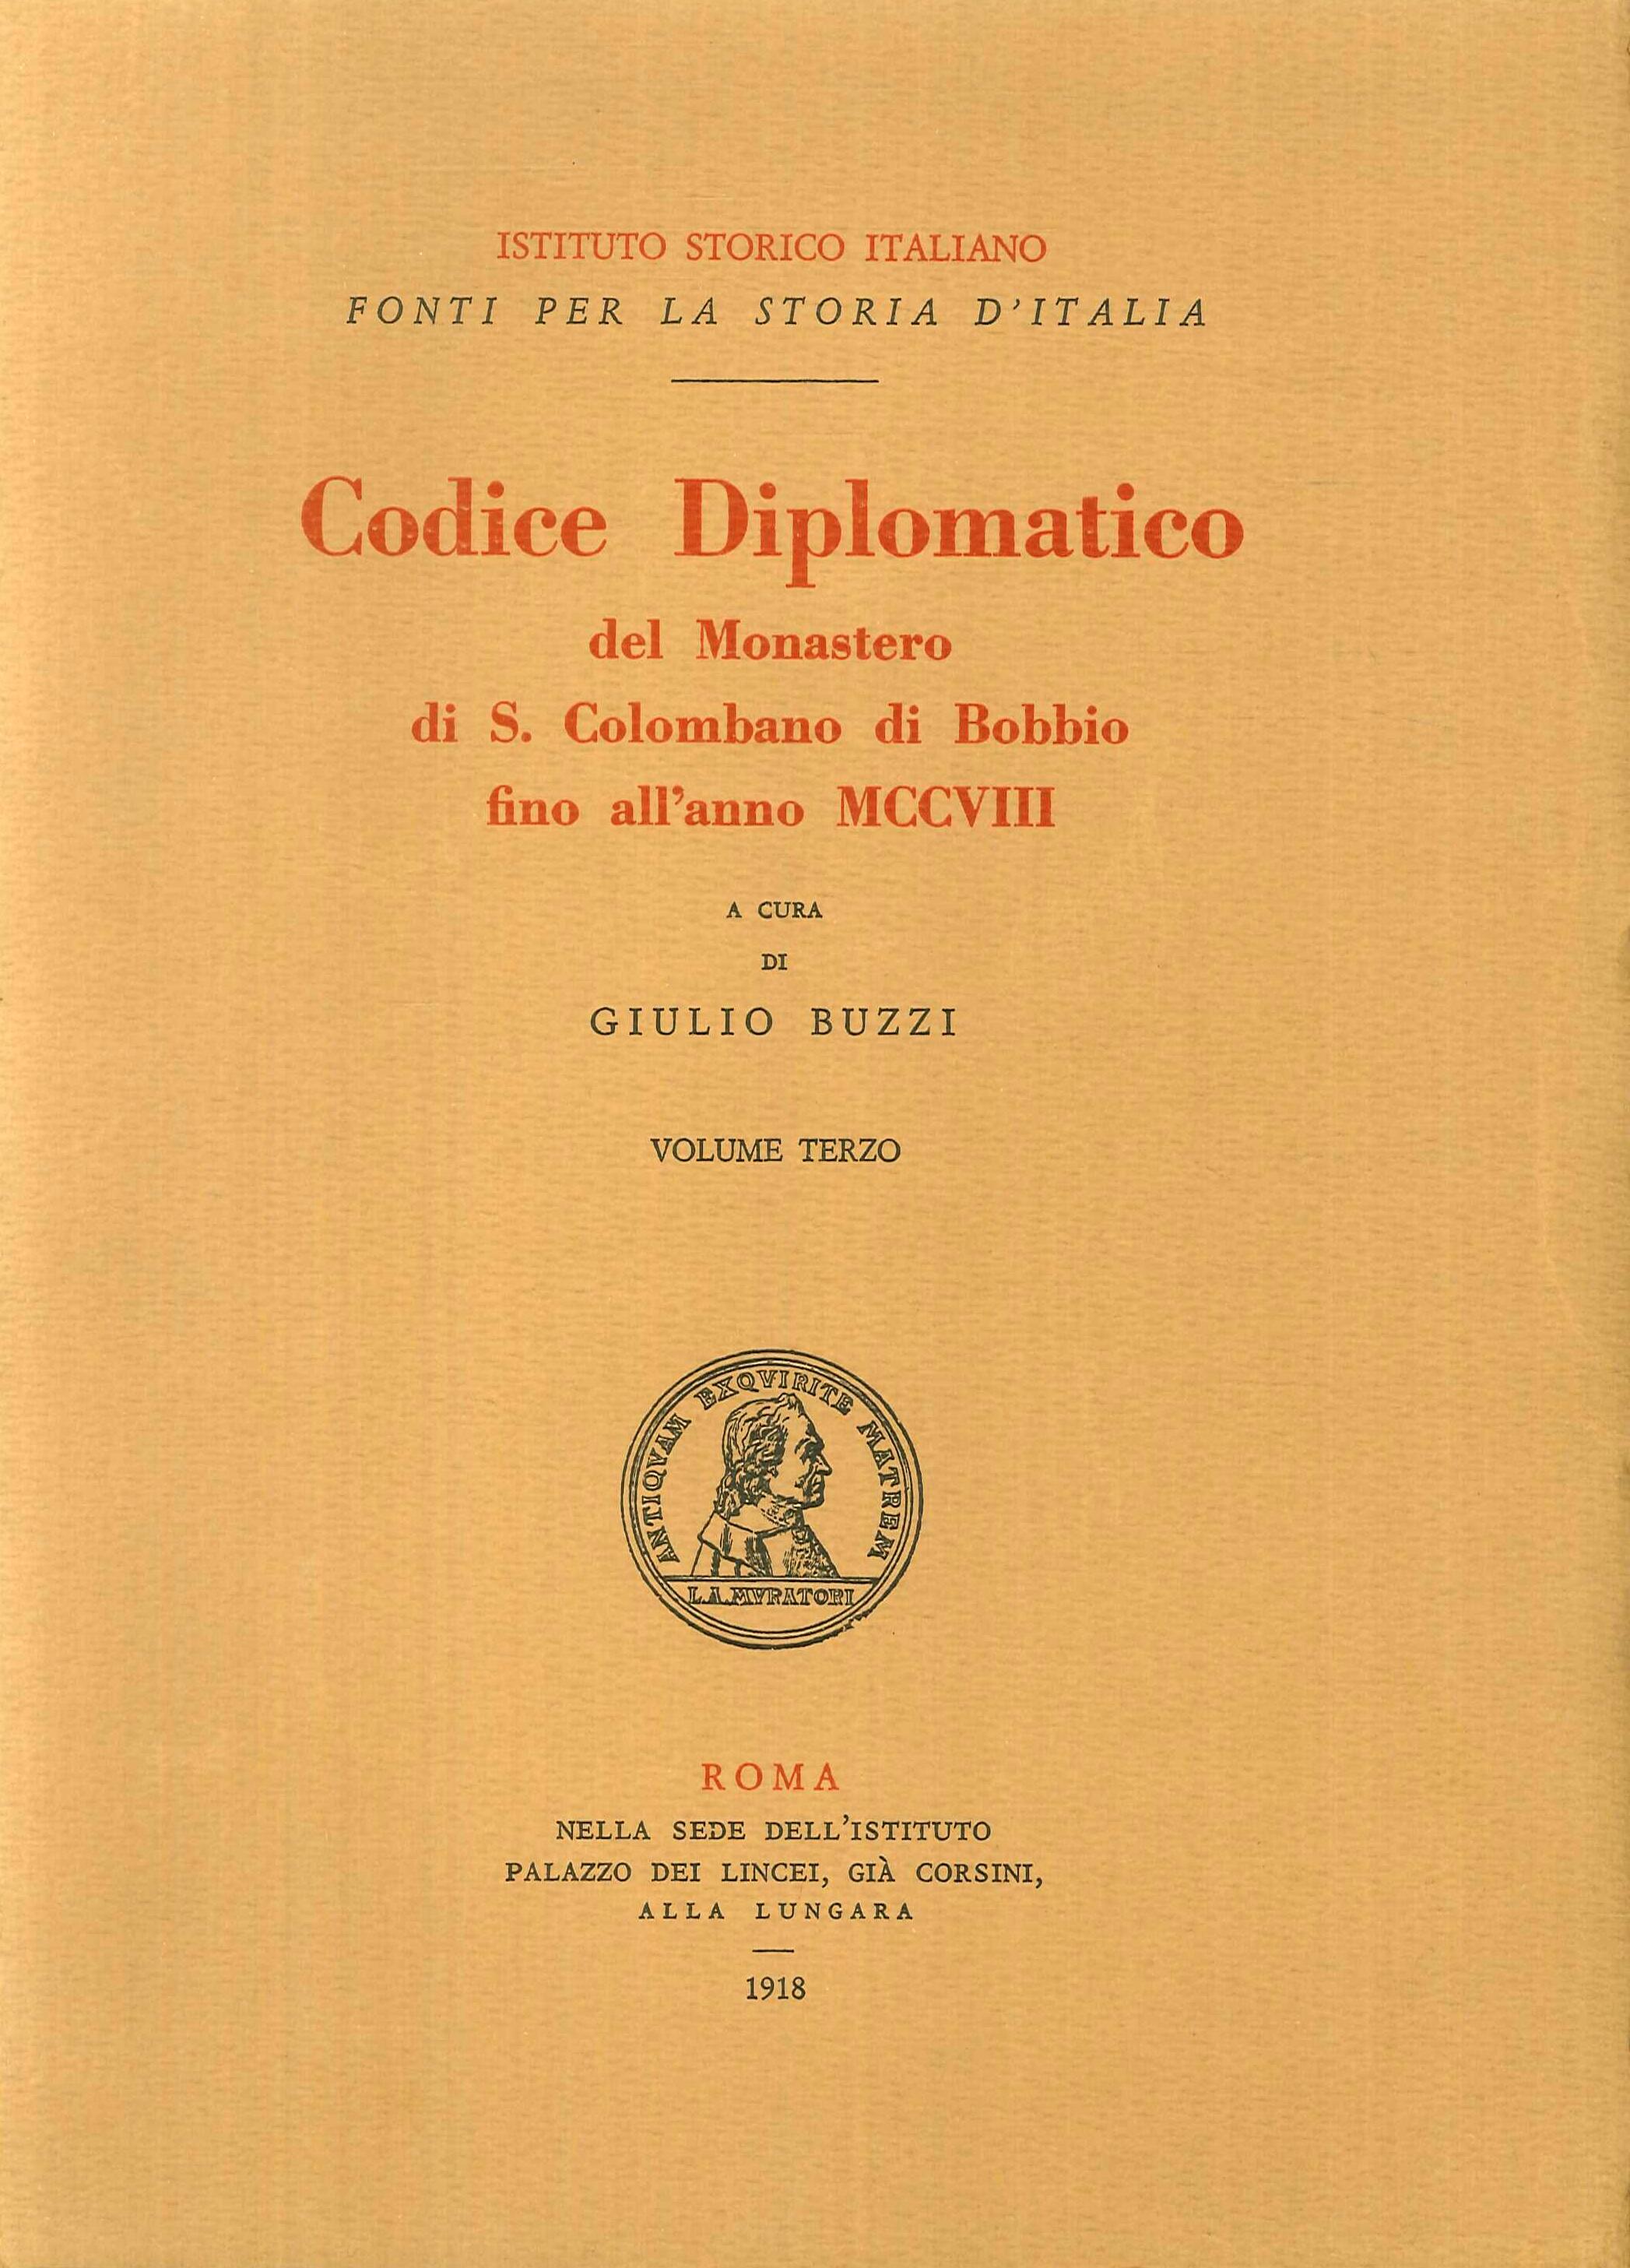 Codice diplomatico del monastero di s. colombano di bobbio fino all'anno MCCVIII. Volume terzo